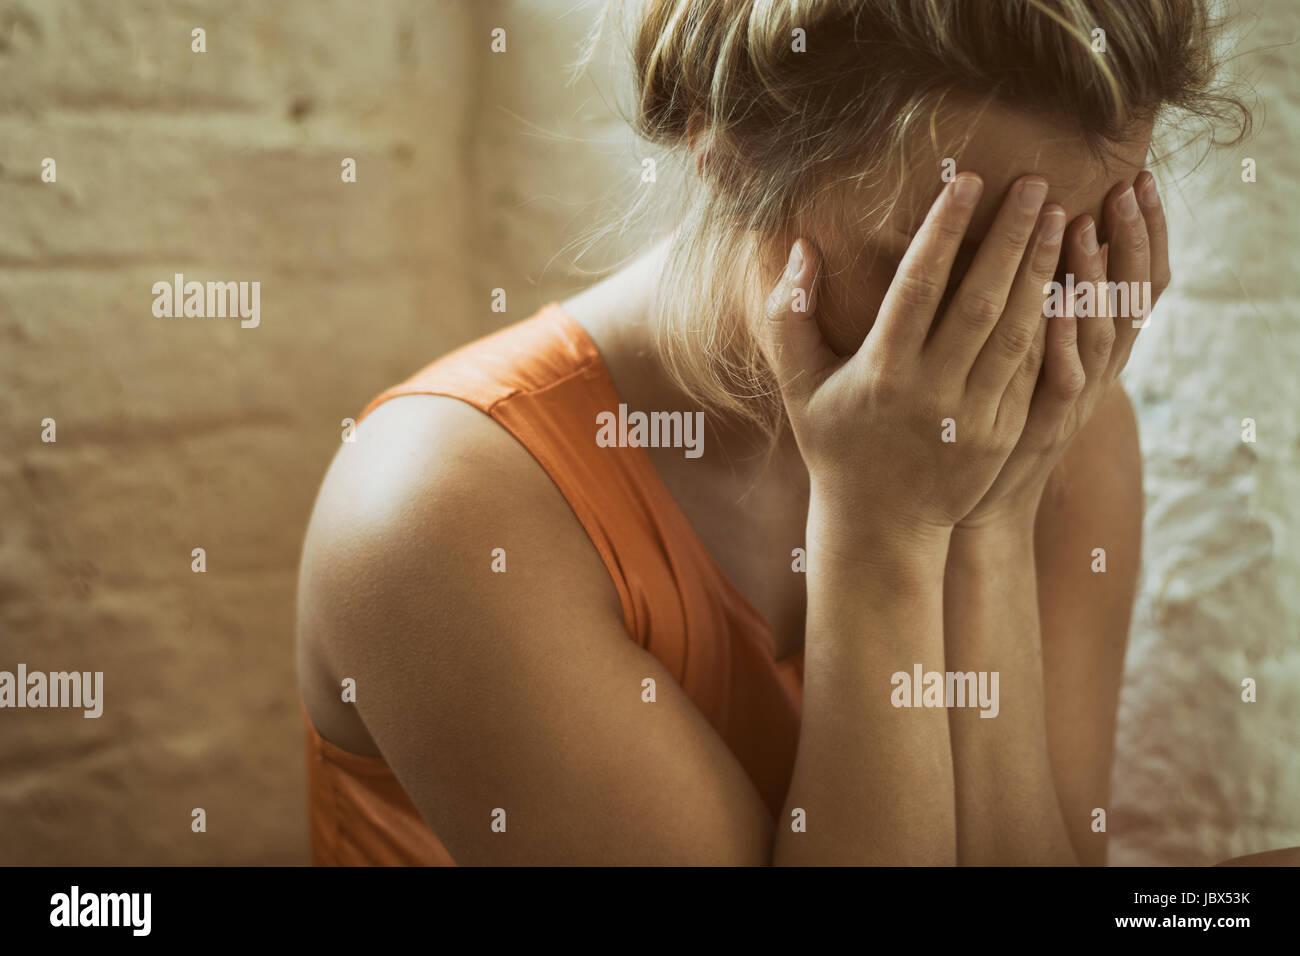 Nahaufnahme der traurige junge Frau versteckt sich das Gesicht mit den Händen schreien Stockbild